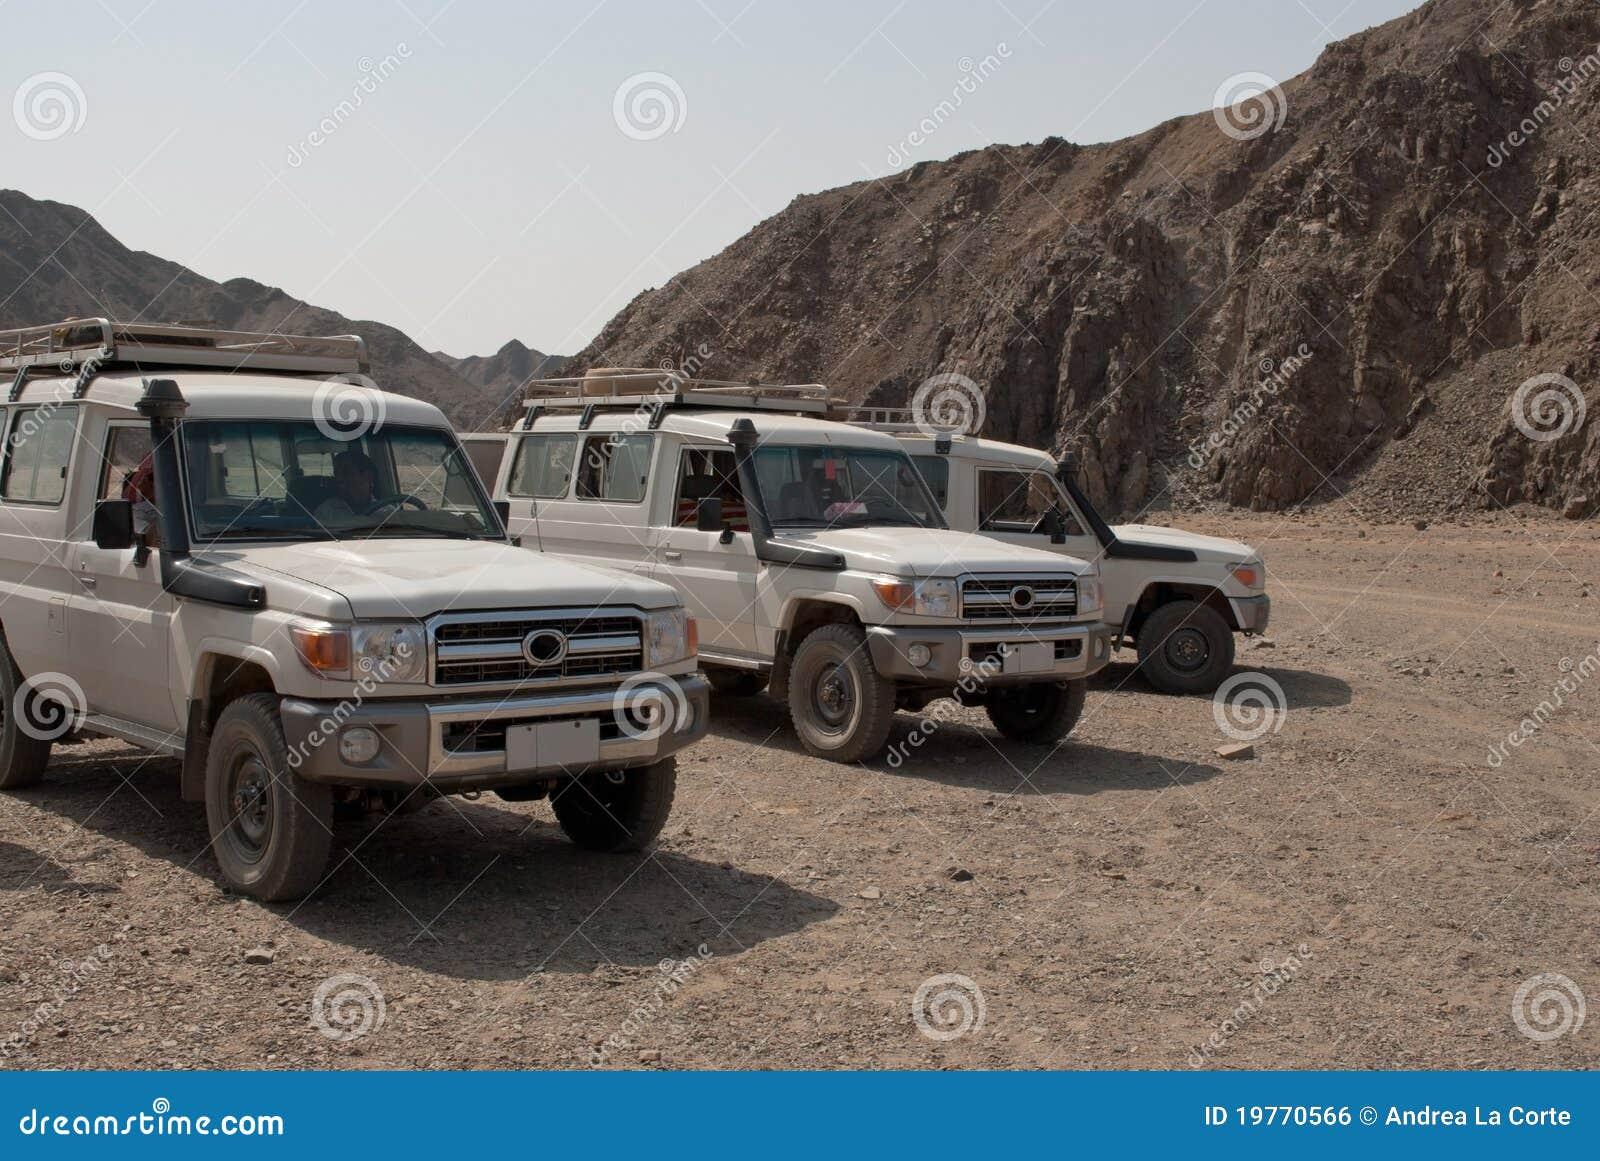 Jeep in Egyptische woestijn